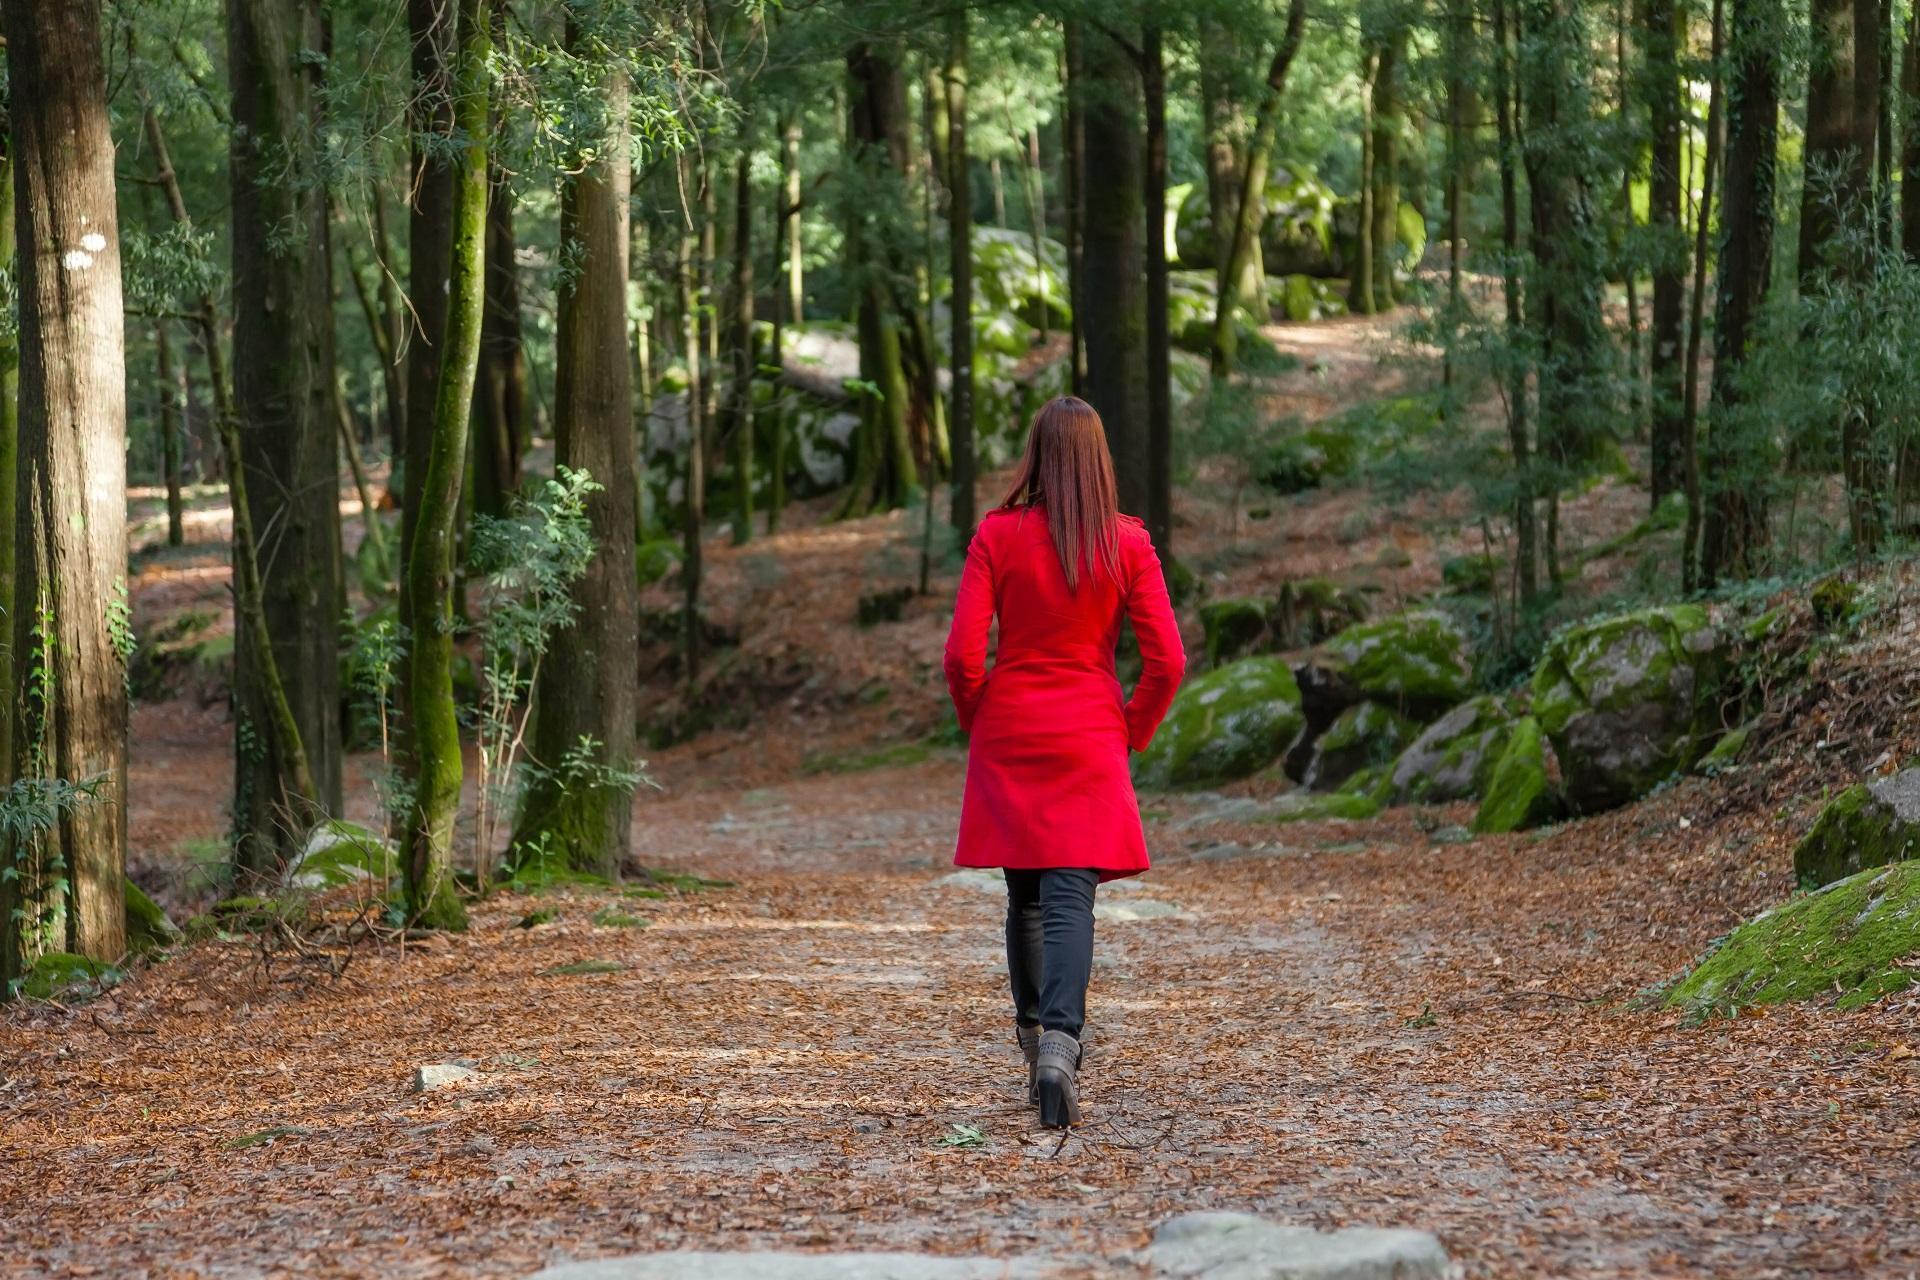 A mers la o plimbare în parc, dar ce a descoperit acolo ar putea să o îmbogățească. Ce a găsit Noreen Wredberg pe jos